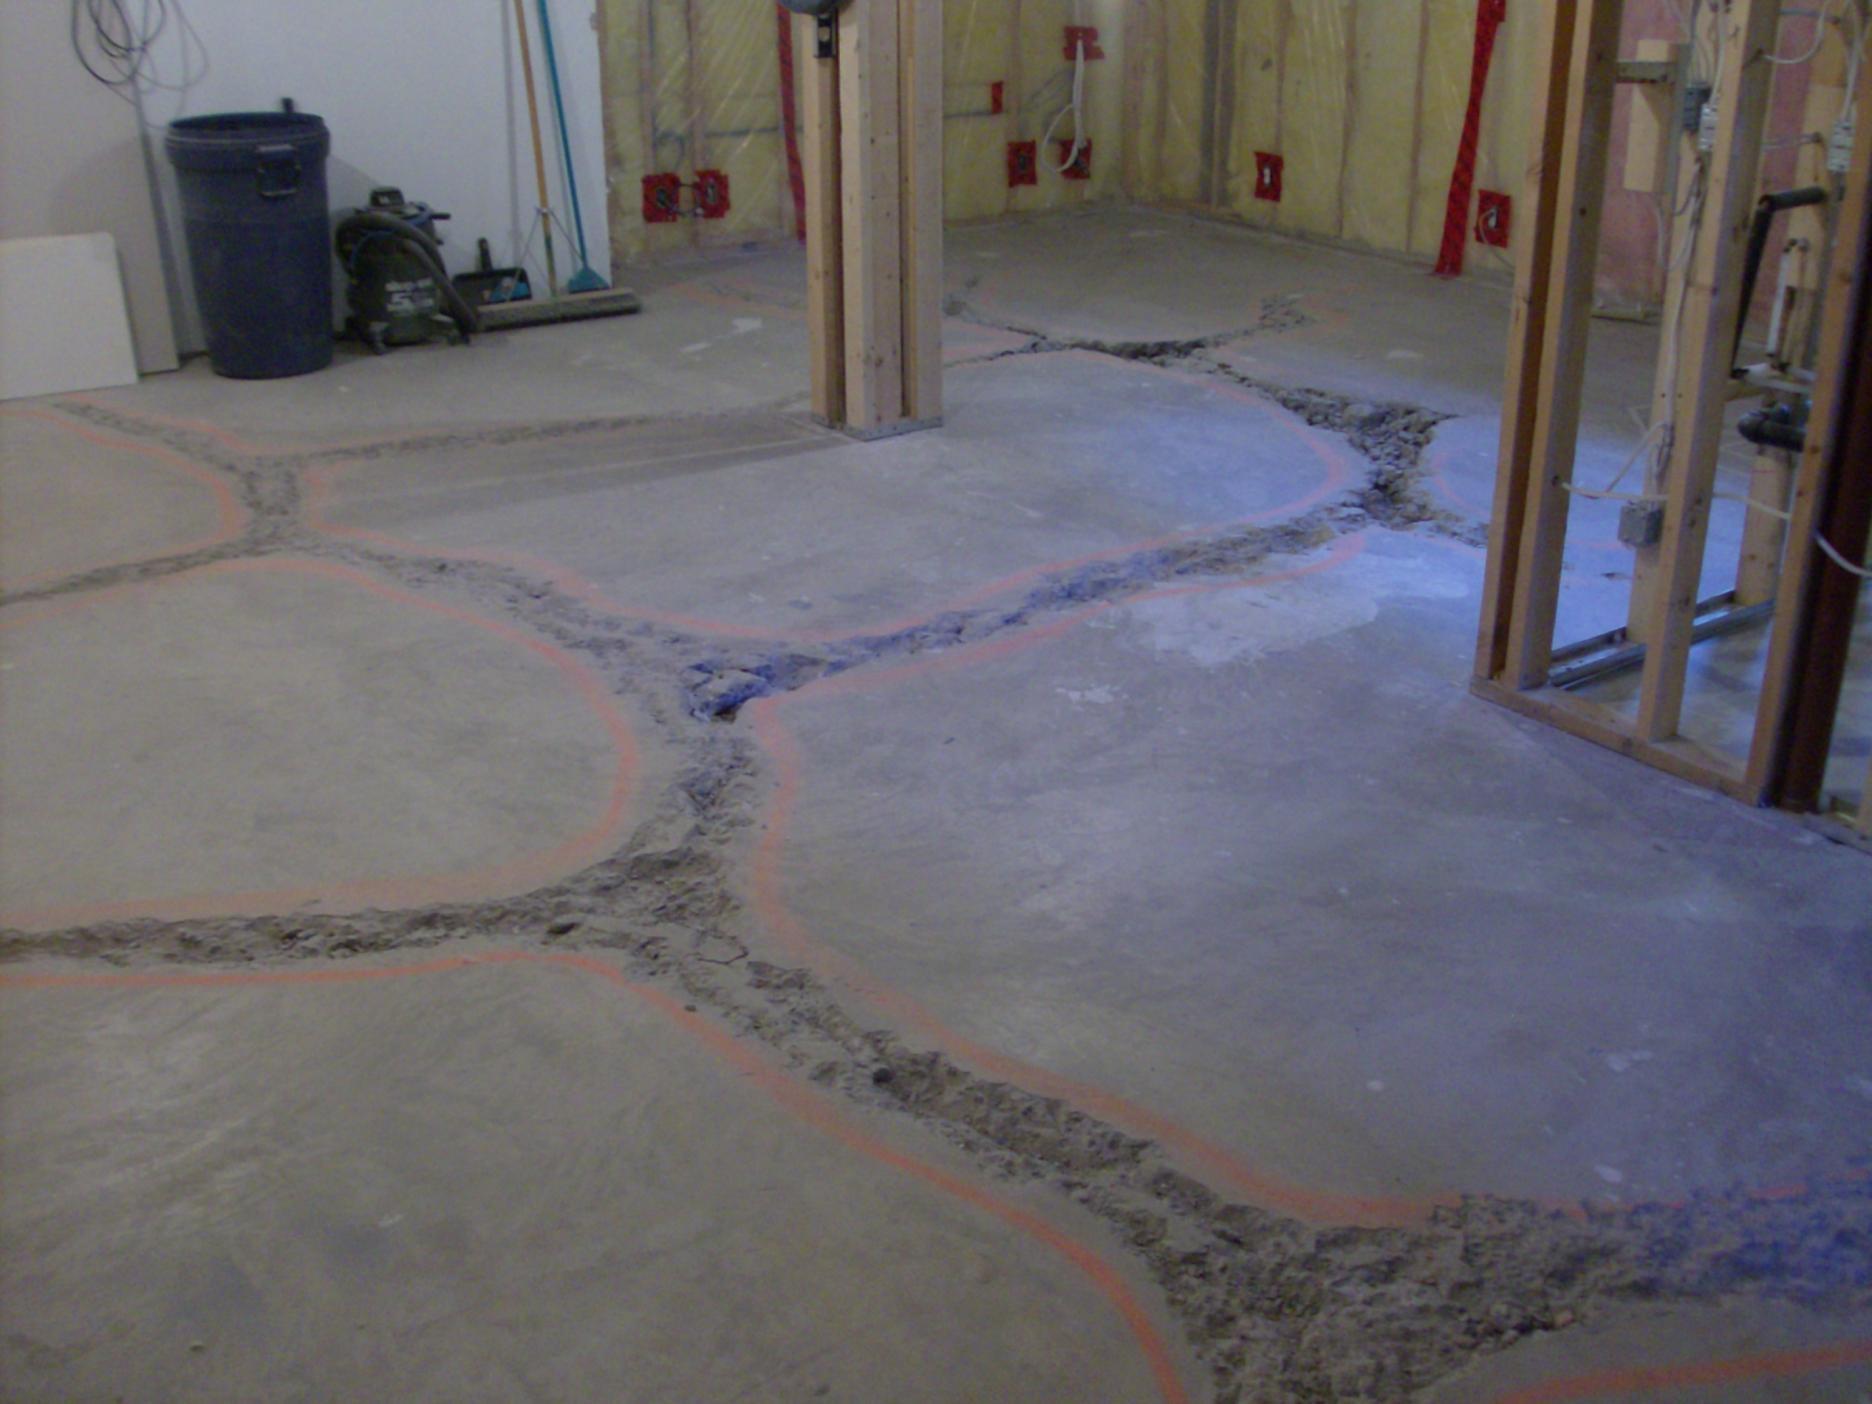 Permalink to Cracked Uneven Basement Floor